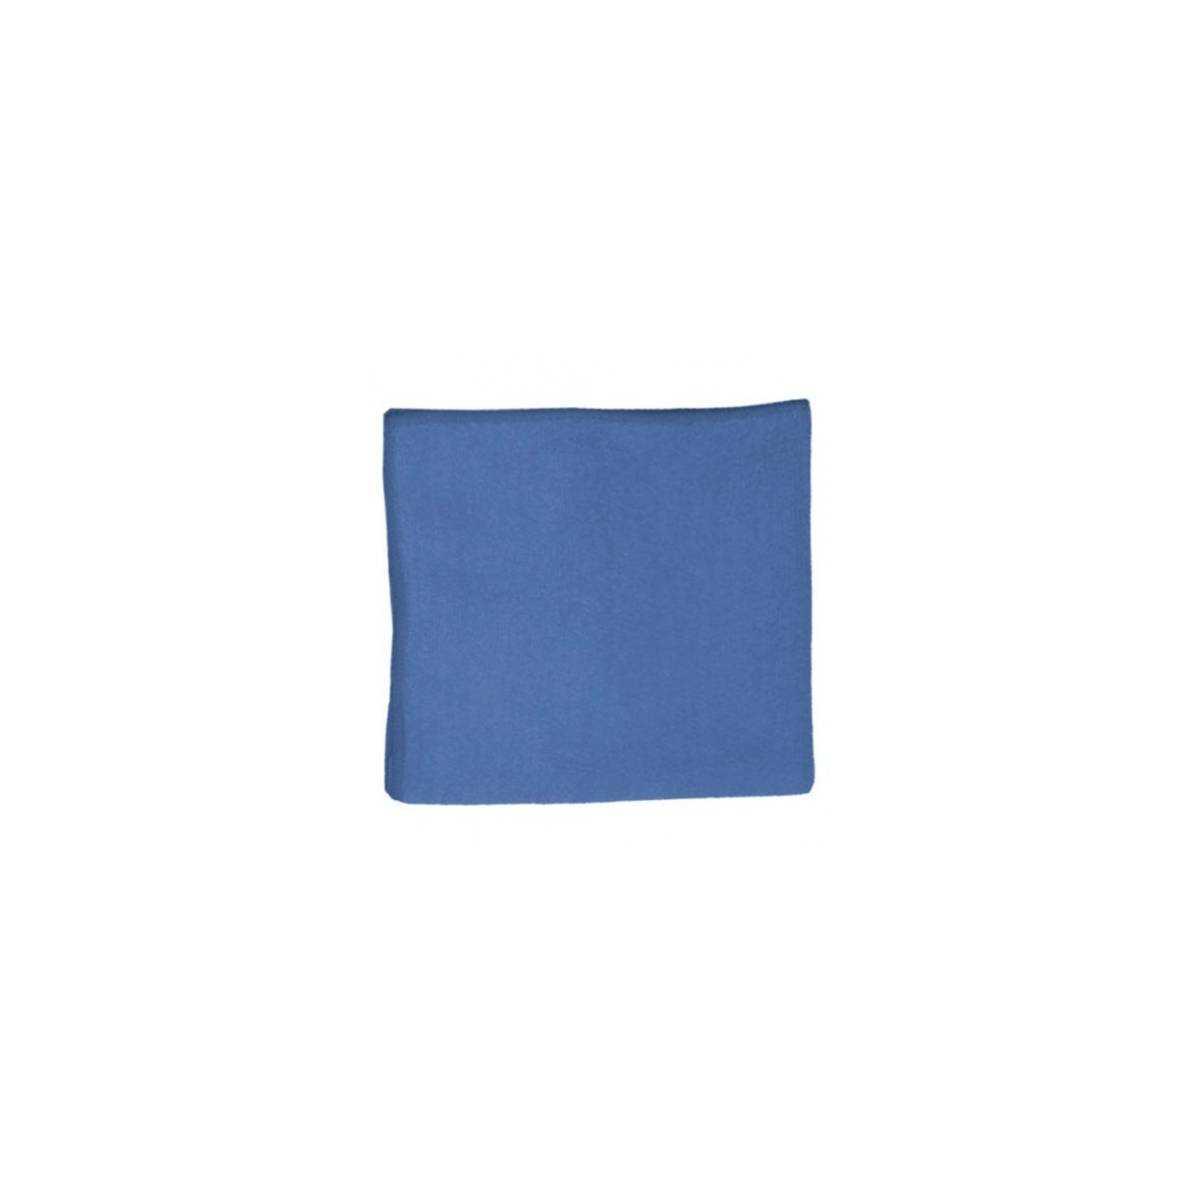 Салфетки для удаления пыли Multi-T 5шт. (Голубые) TCH101020 TTS